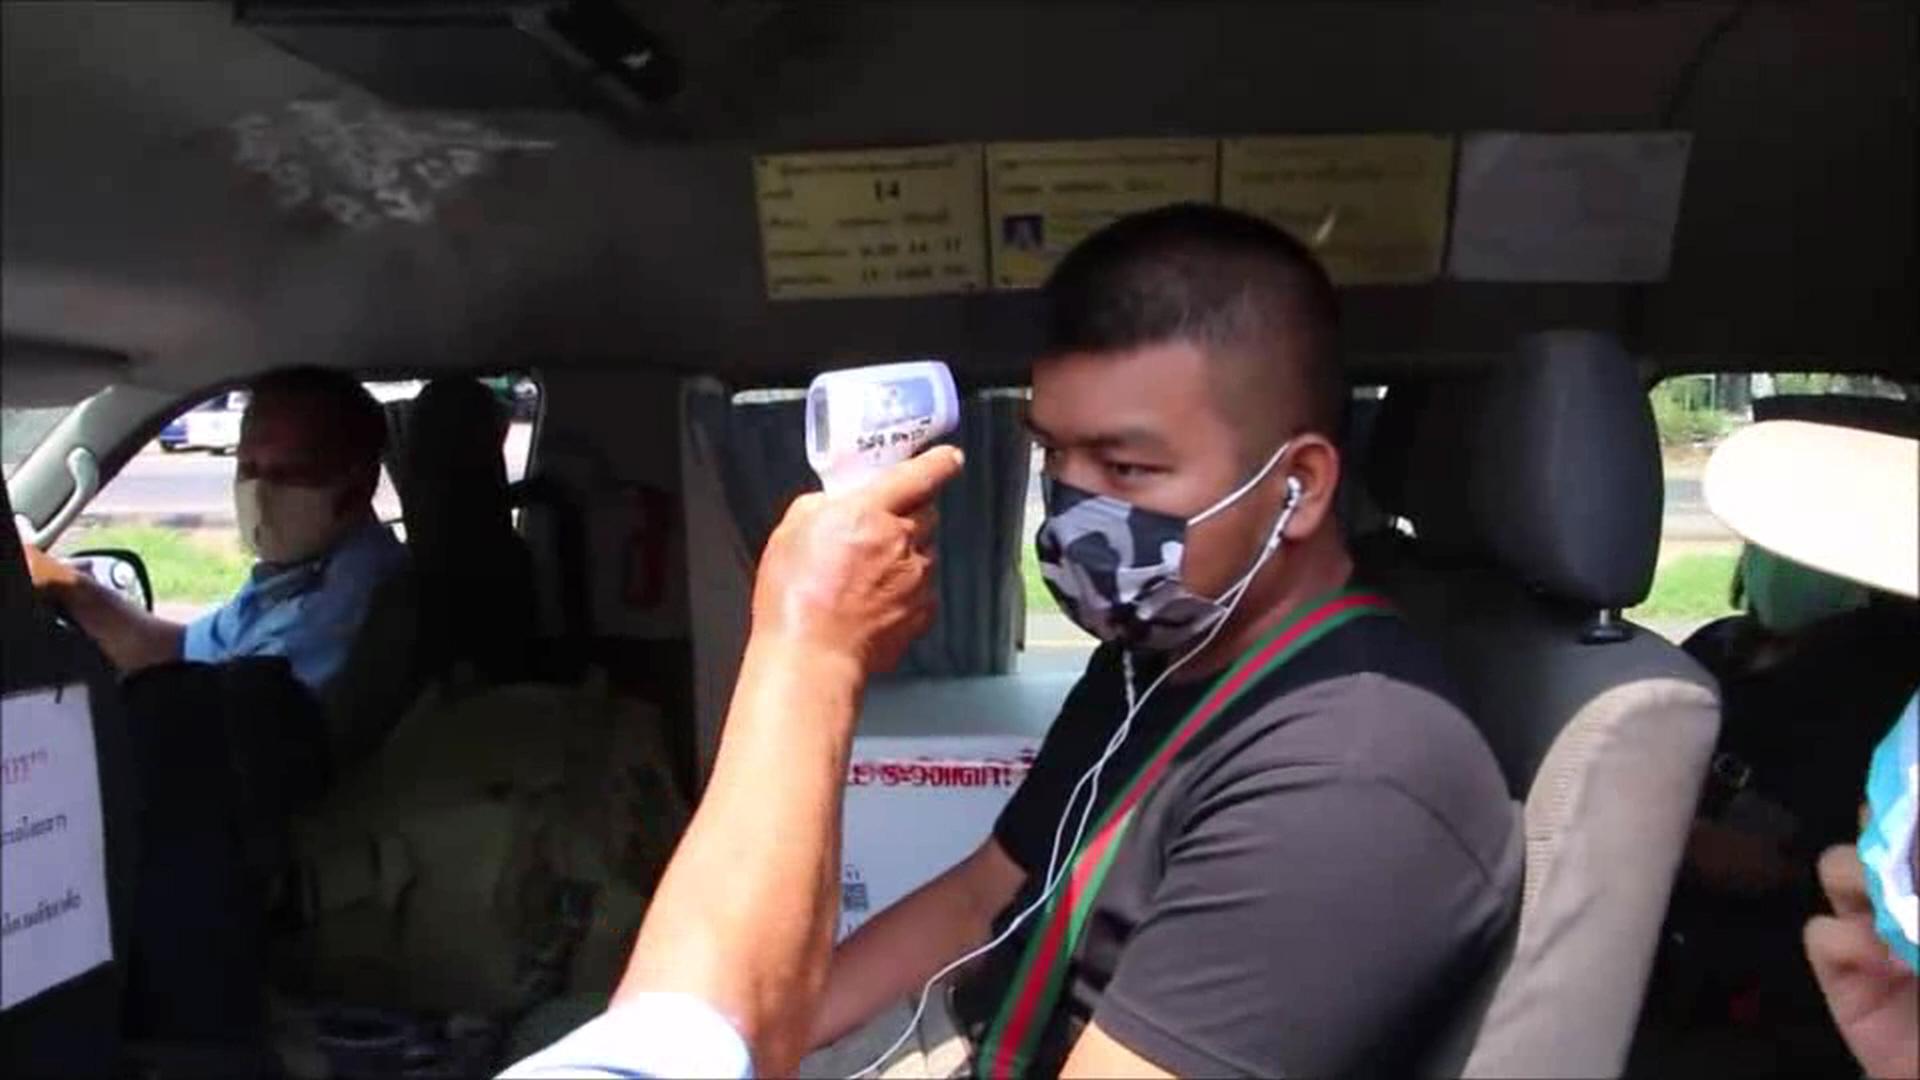 ตำรวจลพบุรีใช้มาตรการคุมเข้มรอยต่อจังหวัดตลอด 24 ชั่วโมง